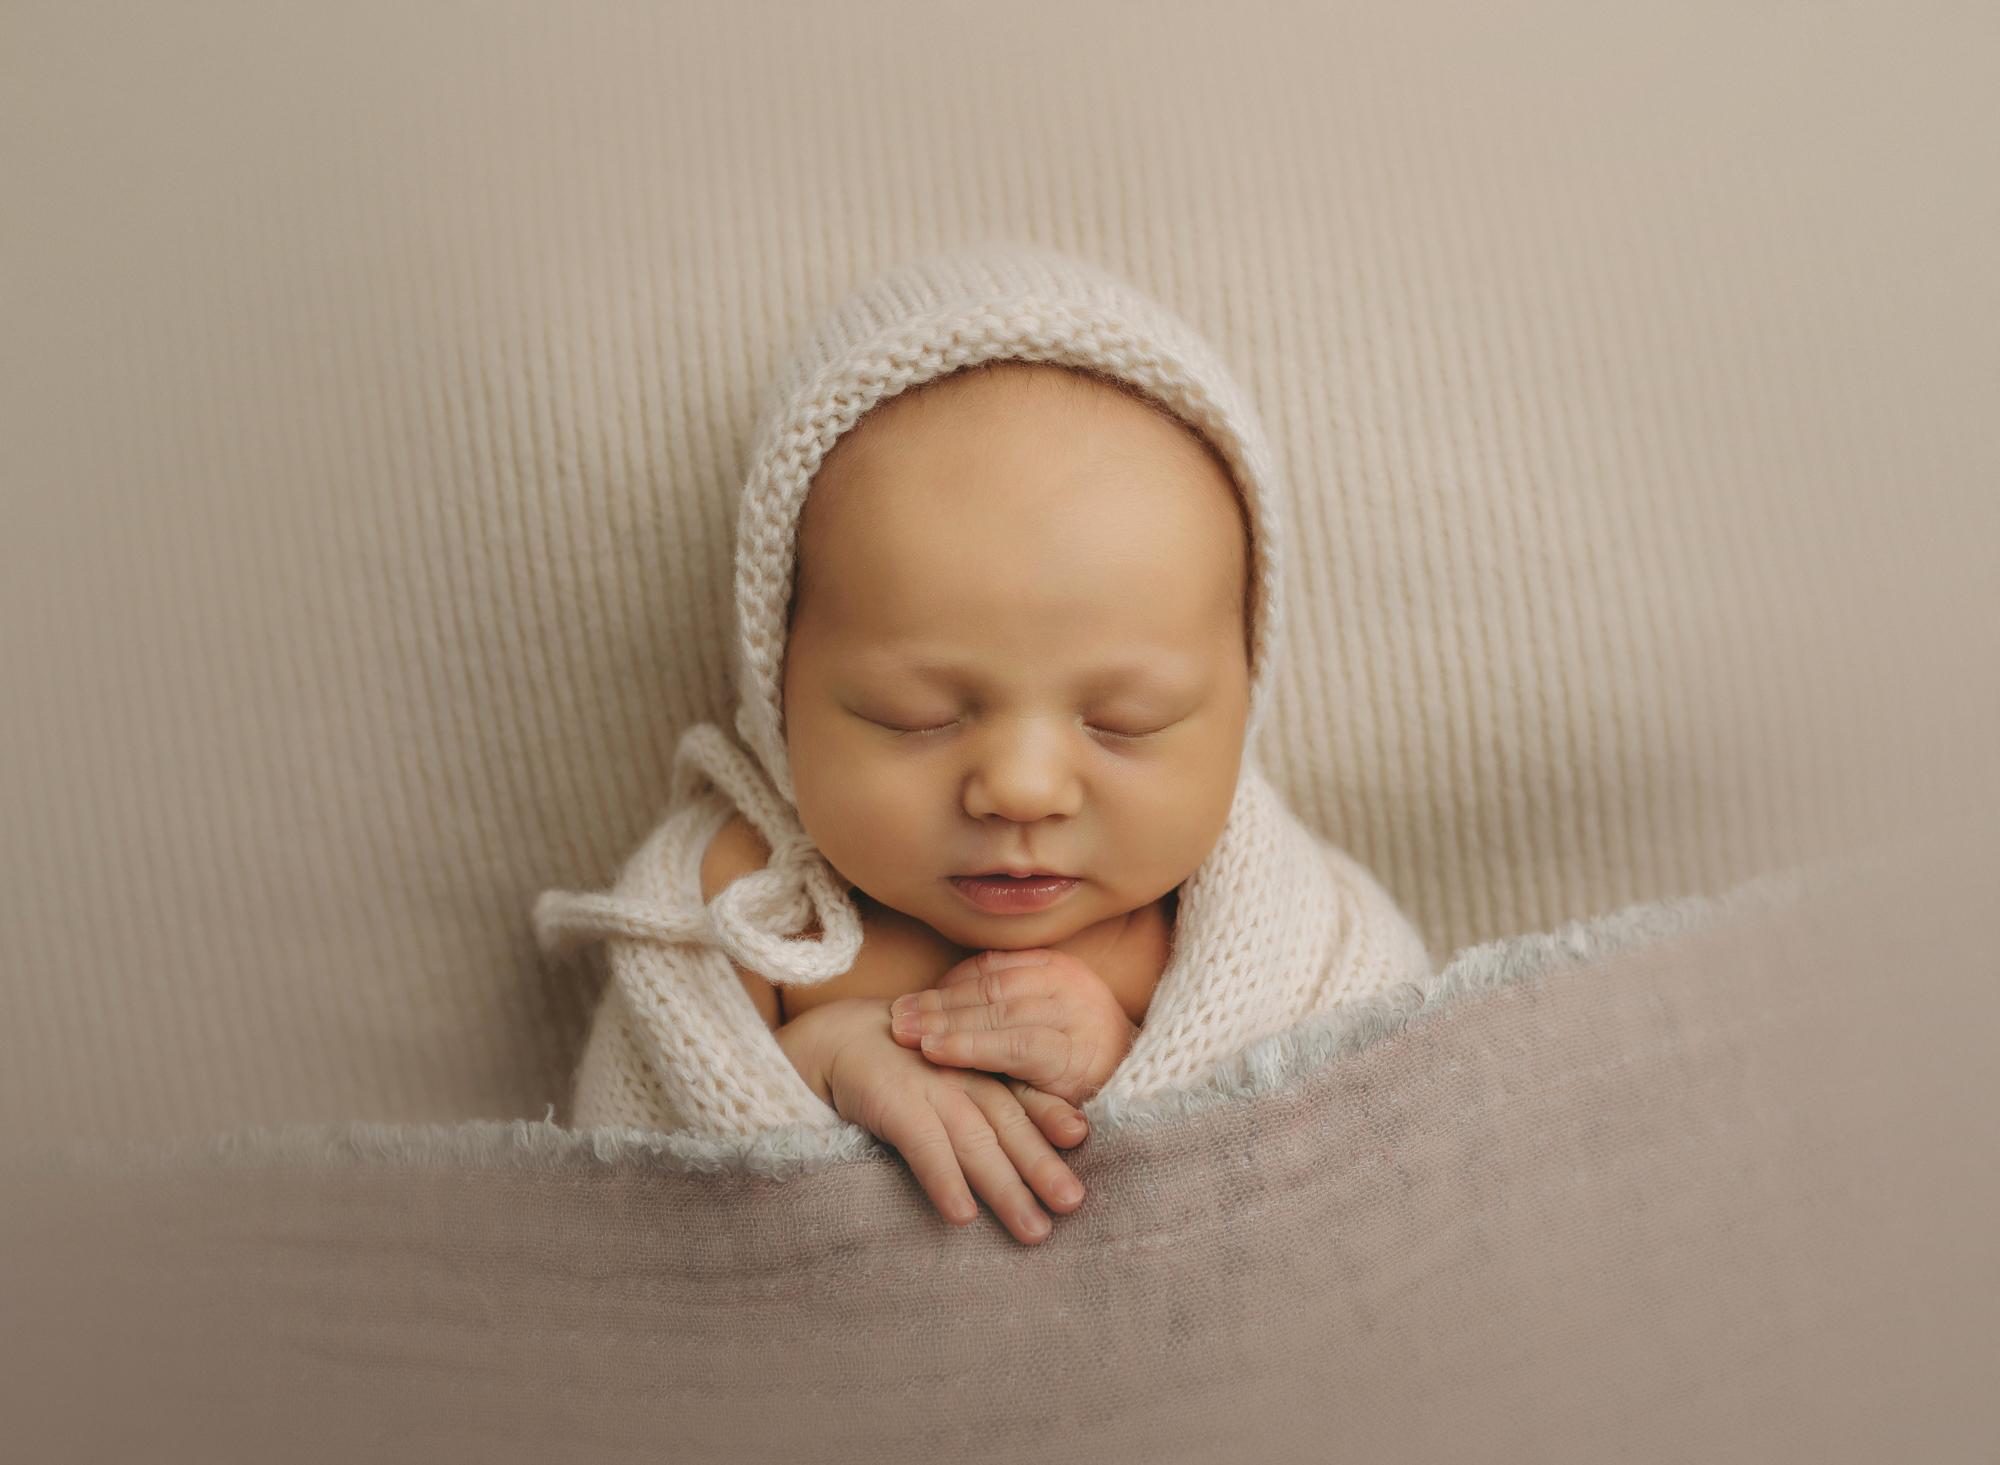 Newborn baby in white bonnet